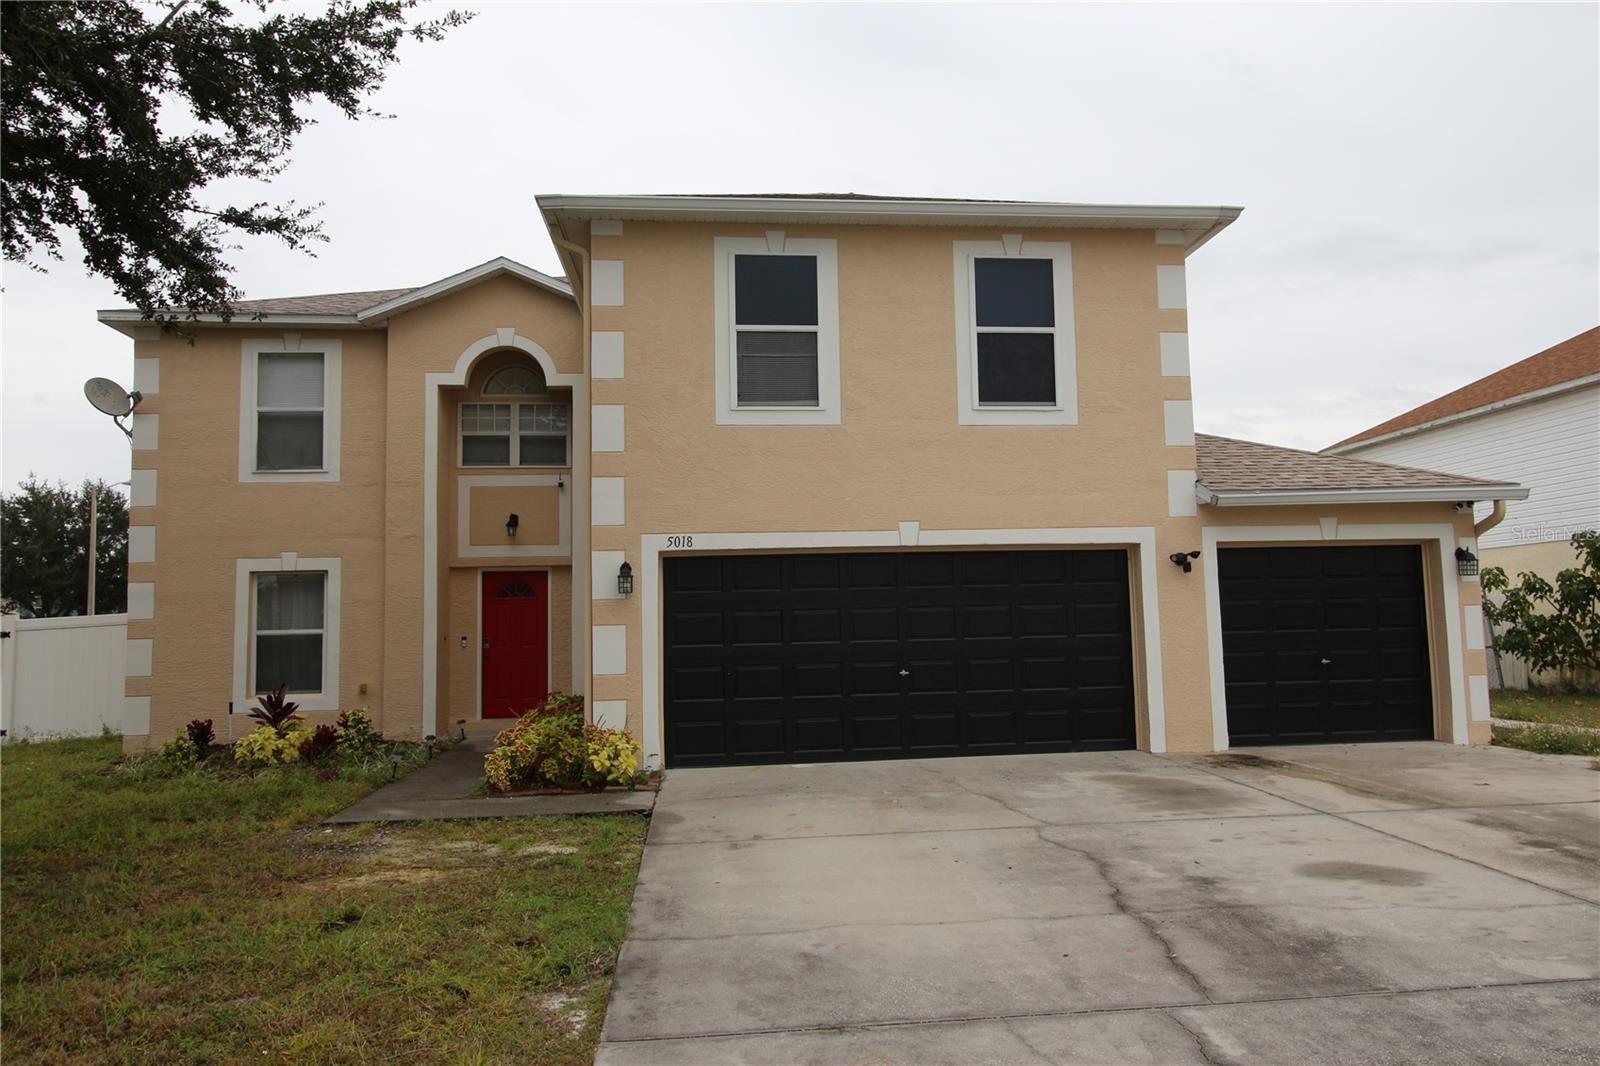 5018 STRADA DRIVE, Winter Haven, FL 33880 - #: P4917649